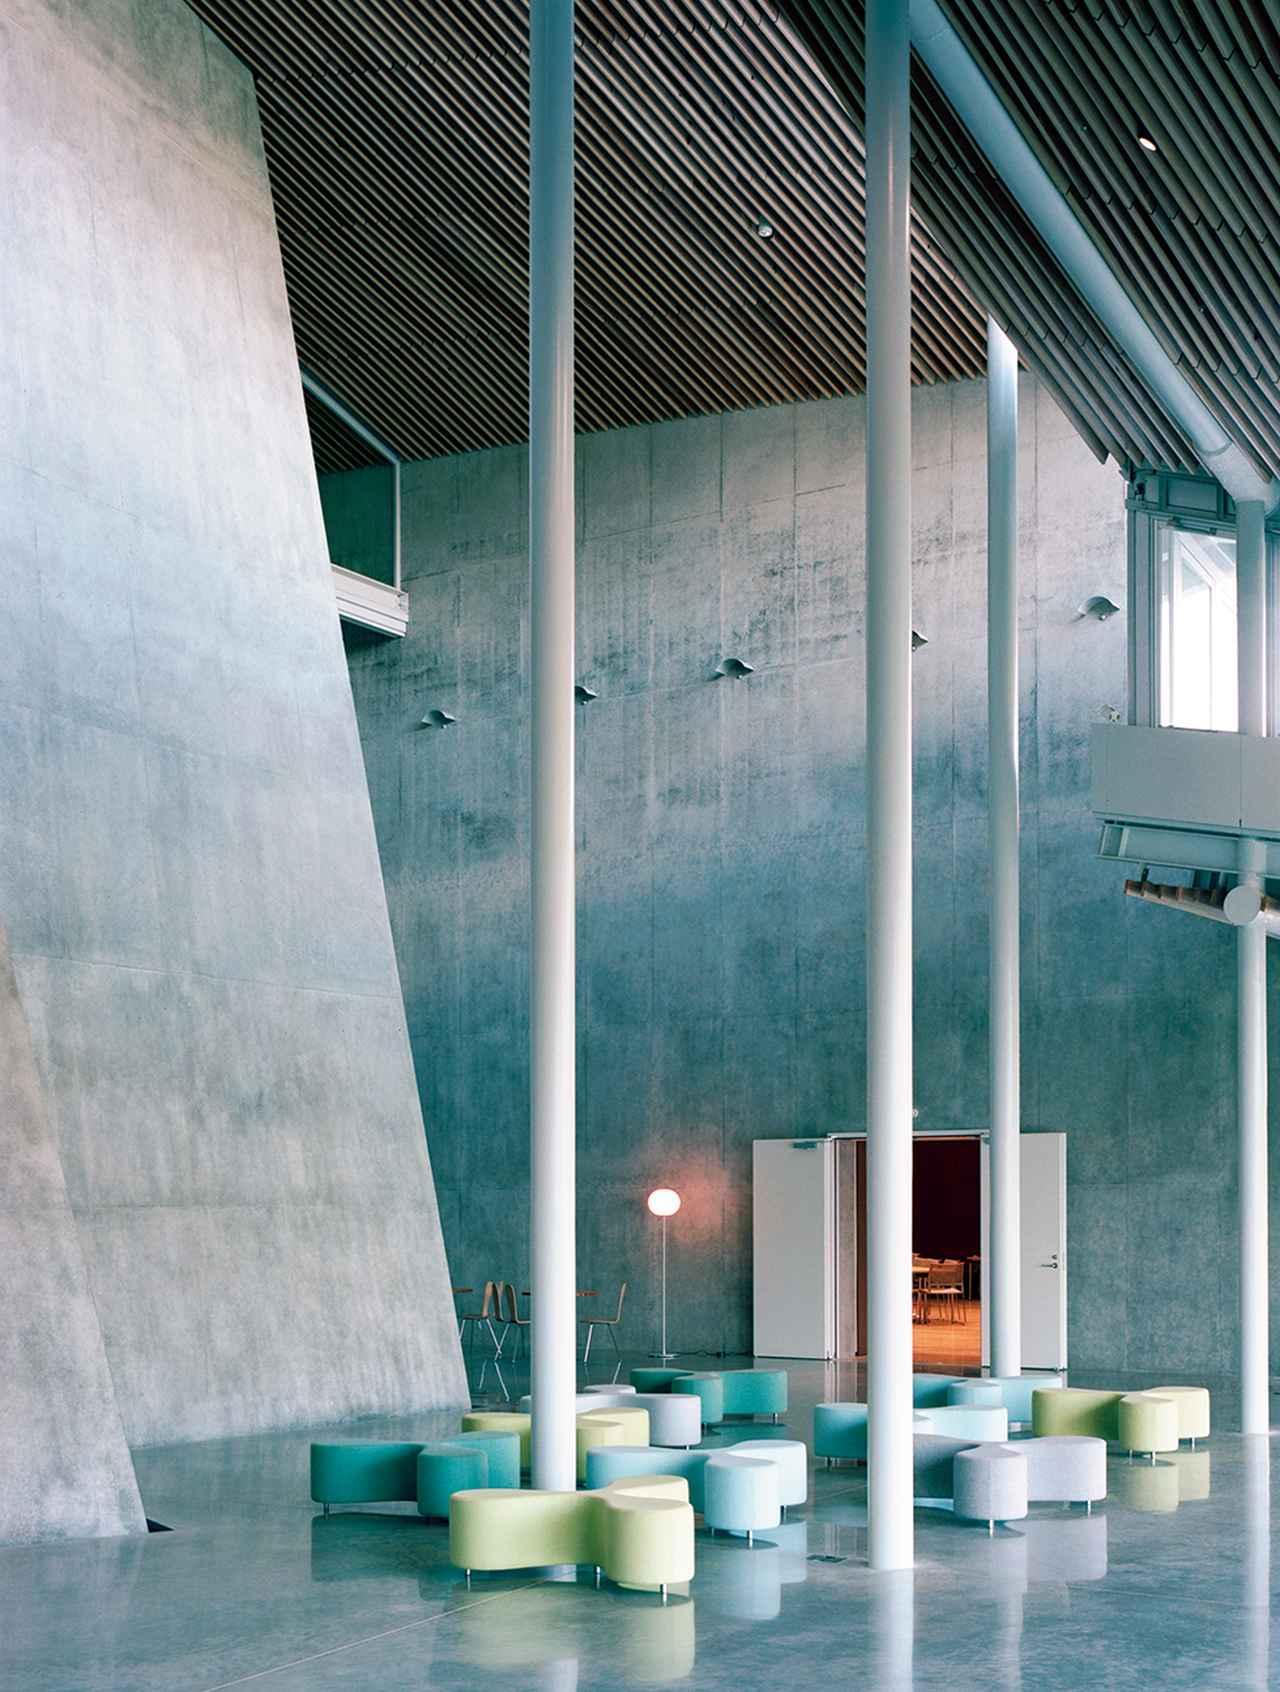 Images : 6番目の画像 - 「既成概念を軽やかに超える 建築家・妹島和世」のアルバム - T JAPAN:The New York Times Style Magazine 公式サイト